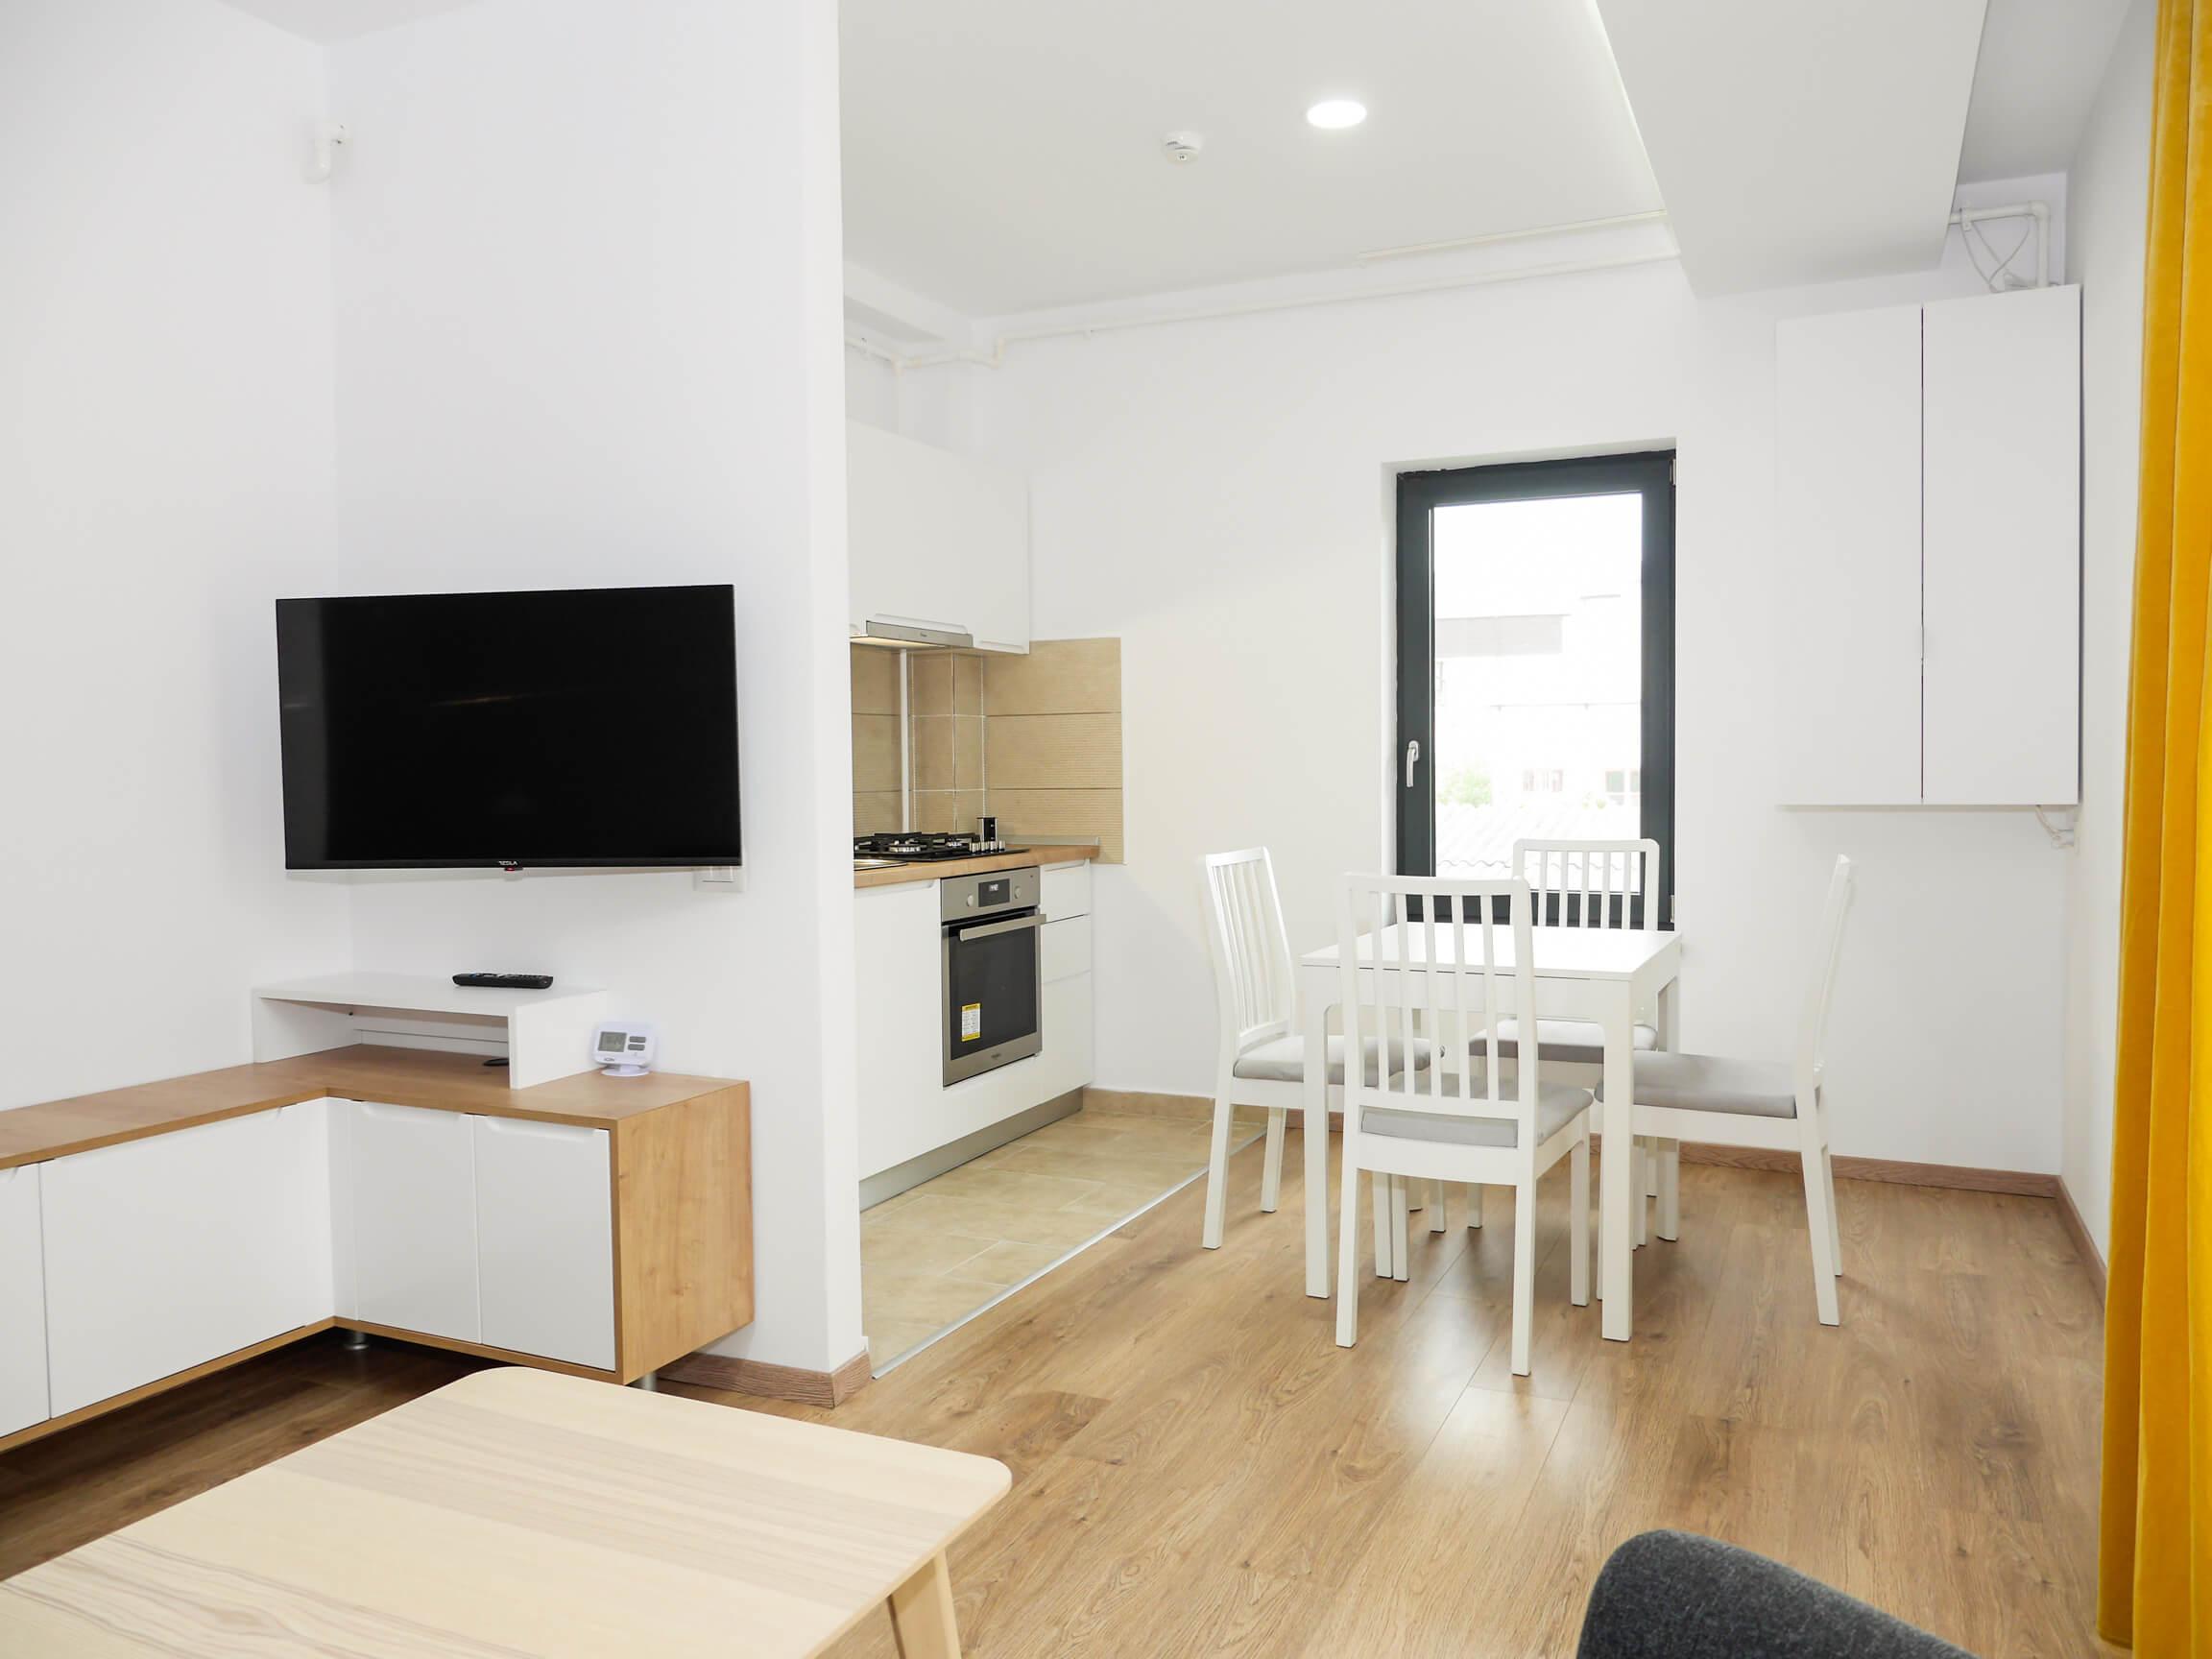 Clement Apartments - apartamente de inchiriat in regim hotelier - cazare neamt - cazare piatra neamt - apartament 6 (6)